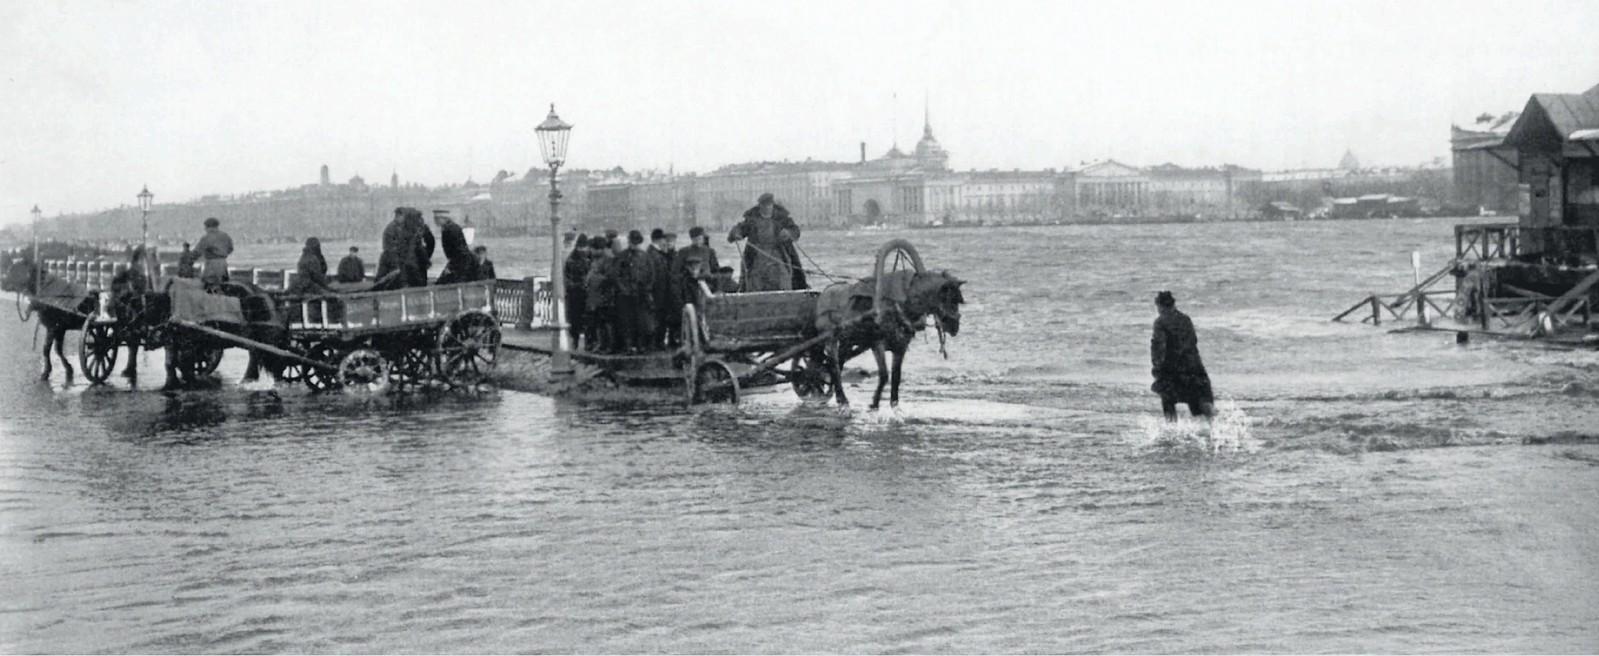 1903. Наводнение. Вид на Неву с университетской набережной. 12 октября